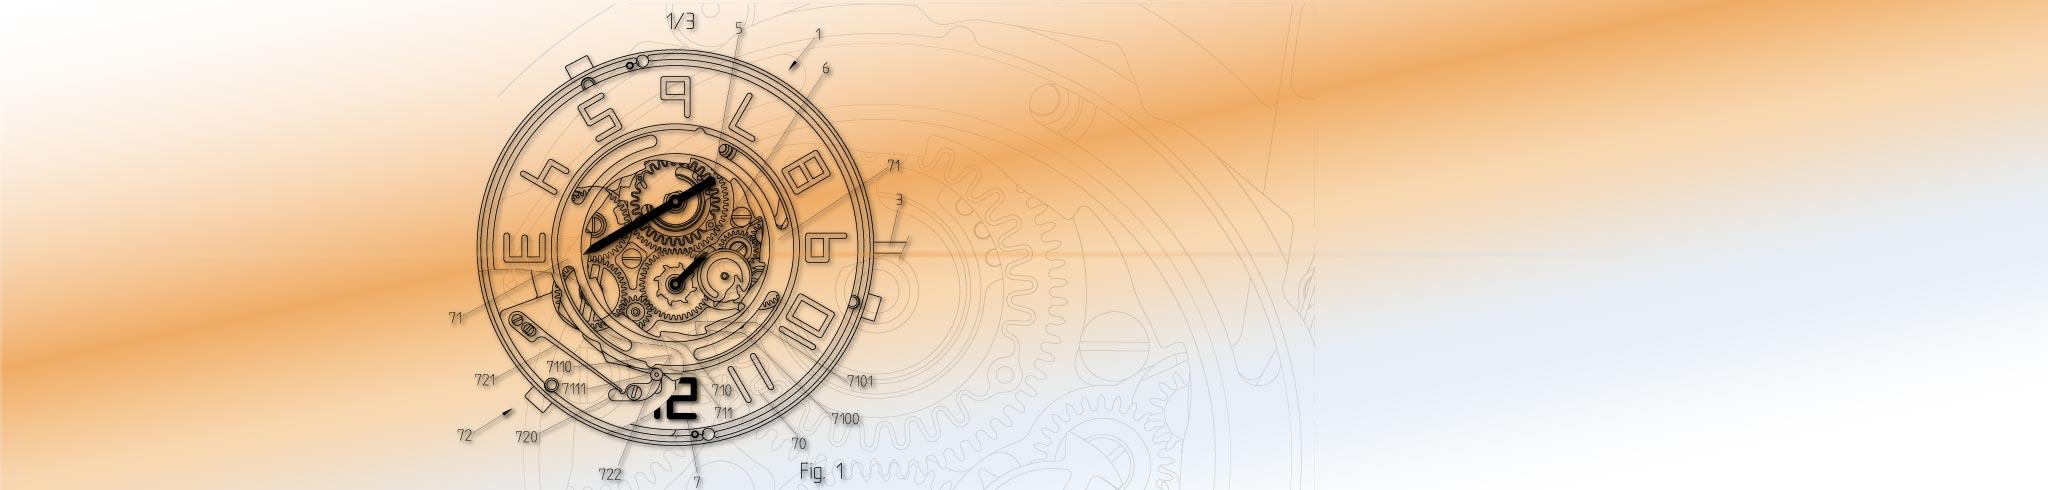 Mouvement de montre breveté